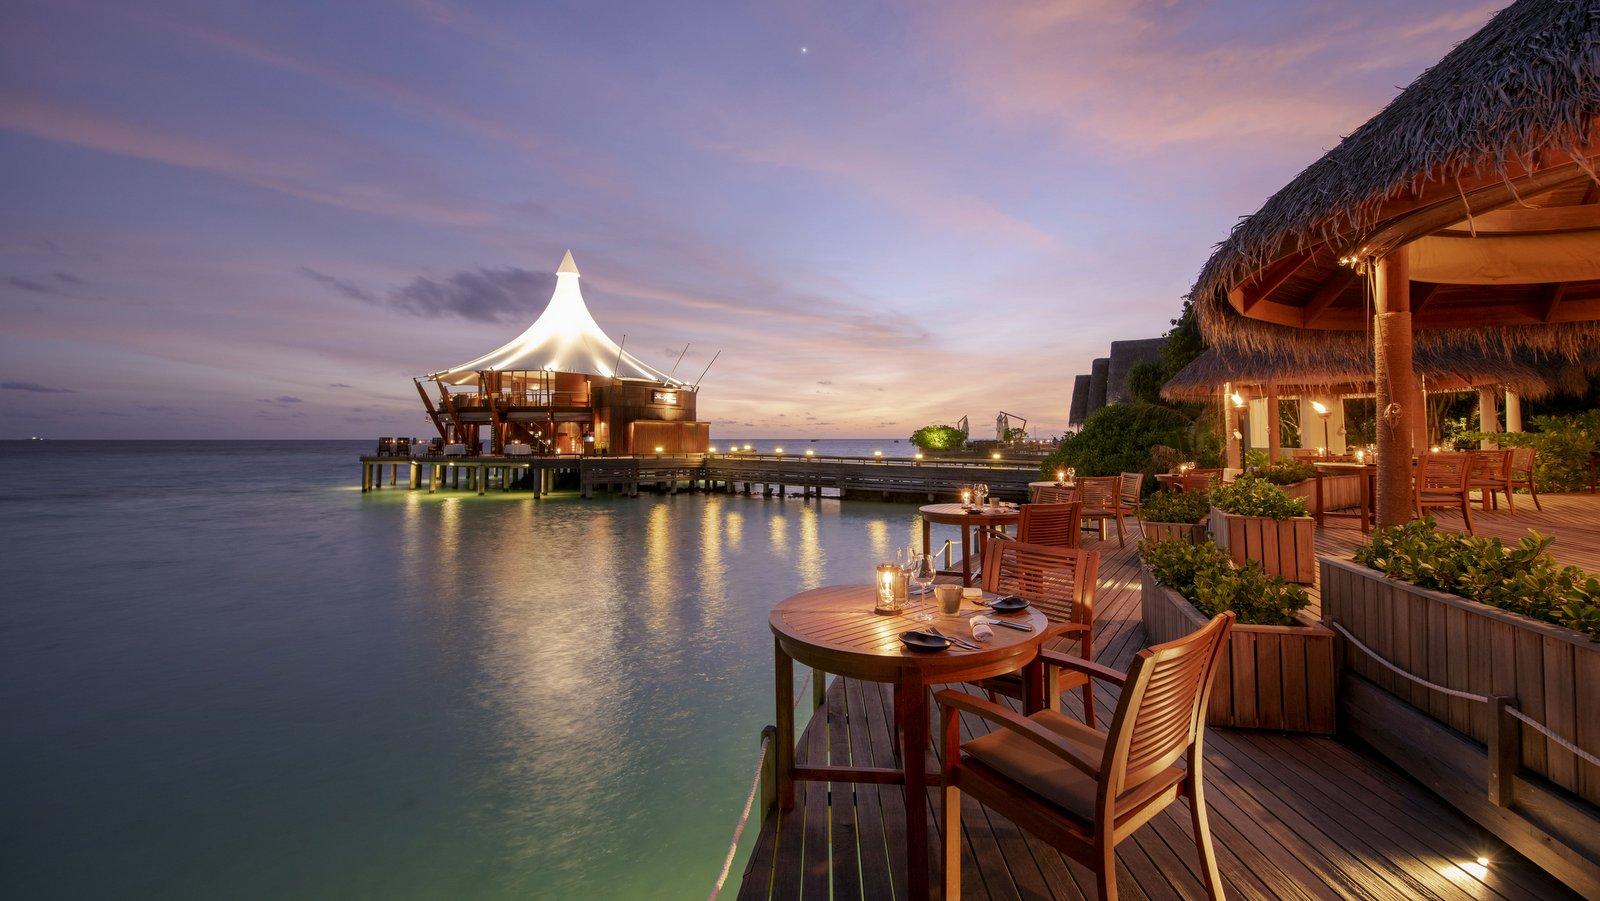 Мальдивы, отель Baros Maldives, ресторан Cayenne